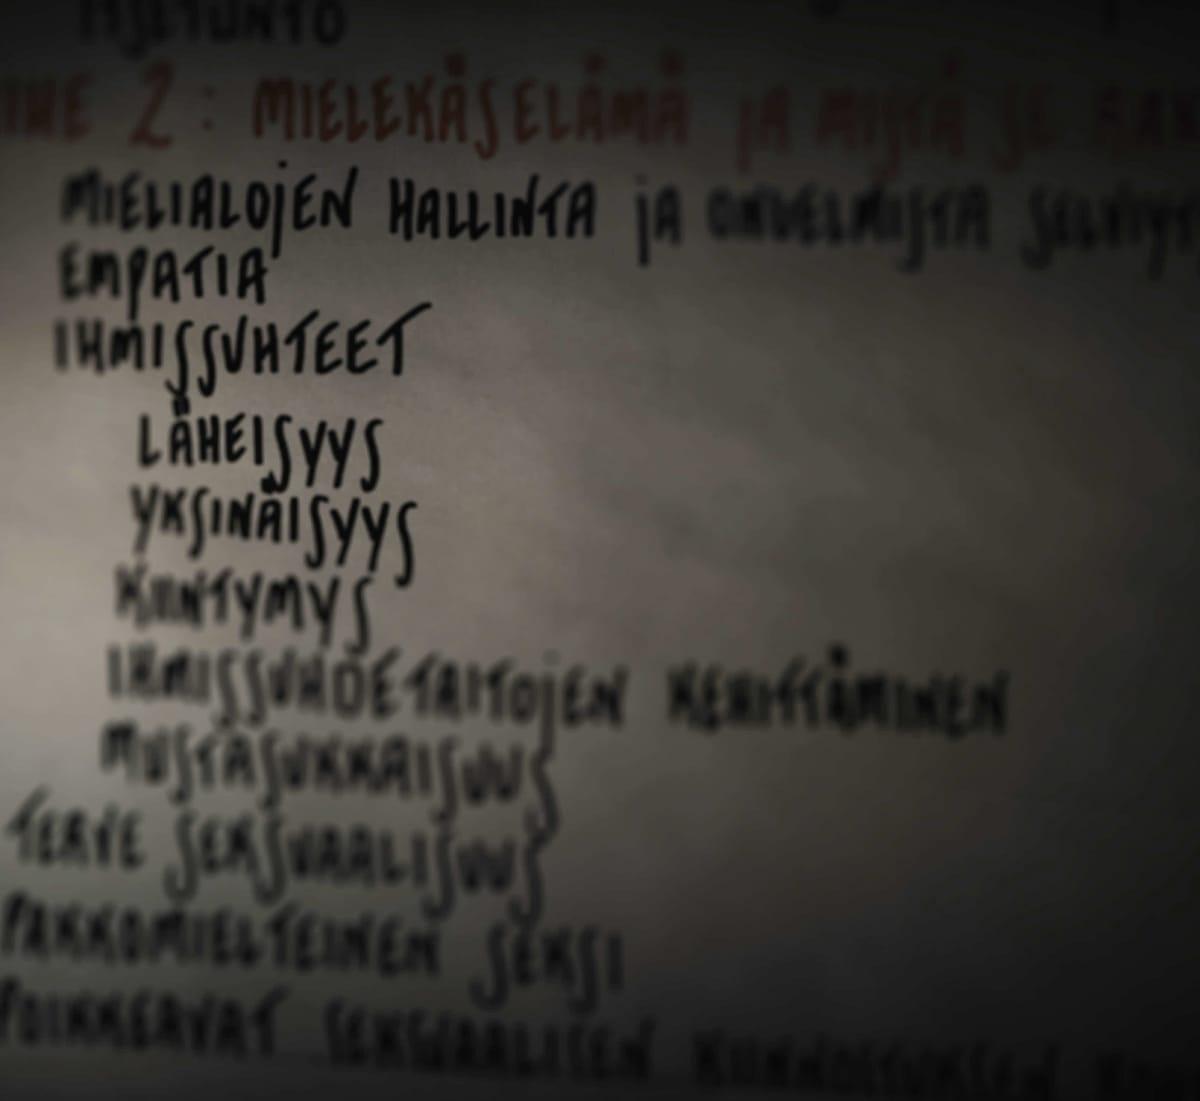 Muistiinpanoja fläppitaululla Riihimäen vankilan terapiahuoneessa.